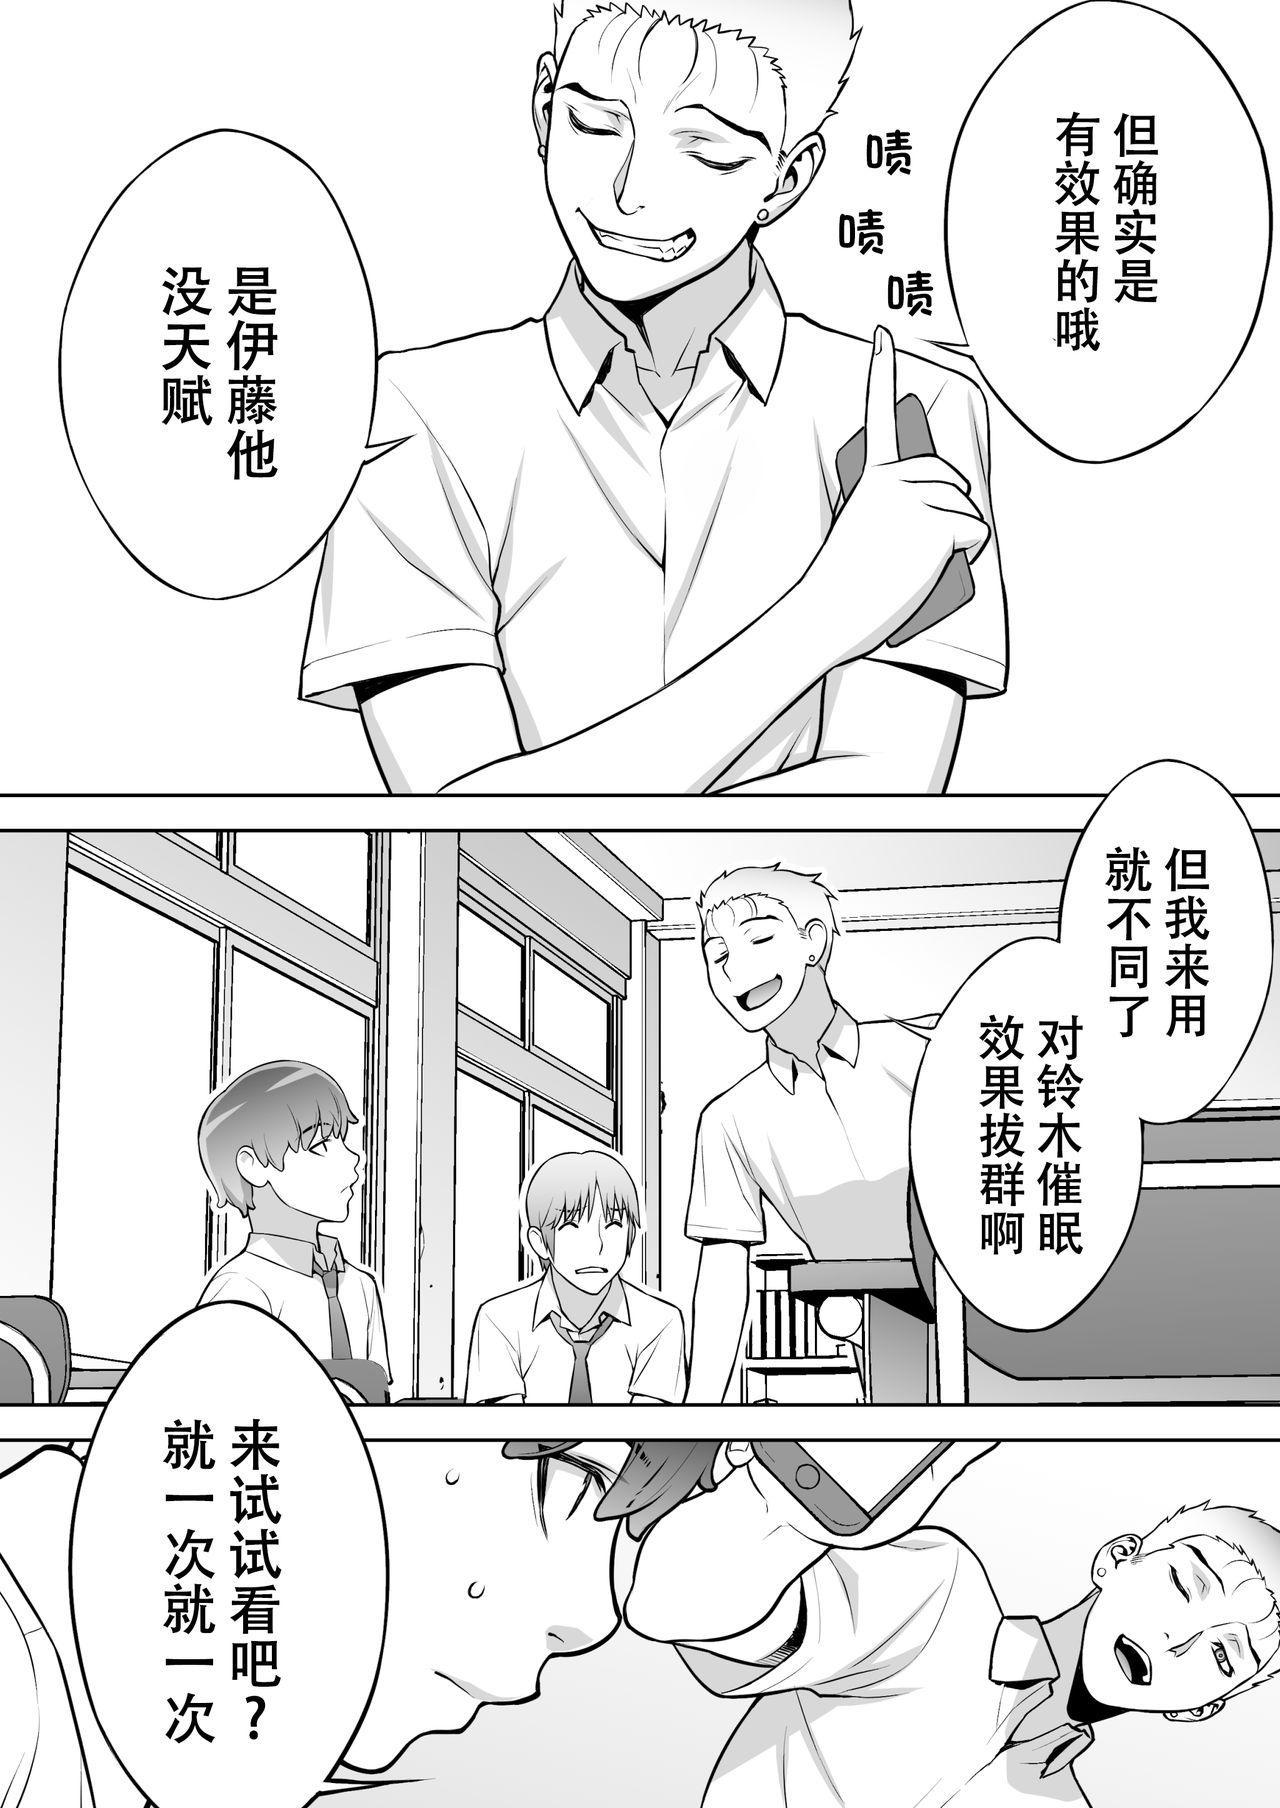 Iinchou wa Saimin Appli o Shinjiteru. 13